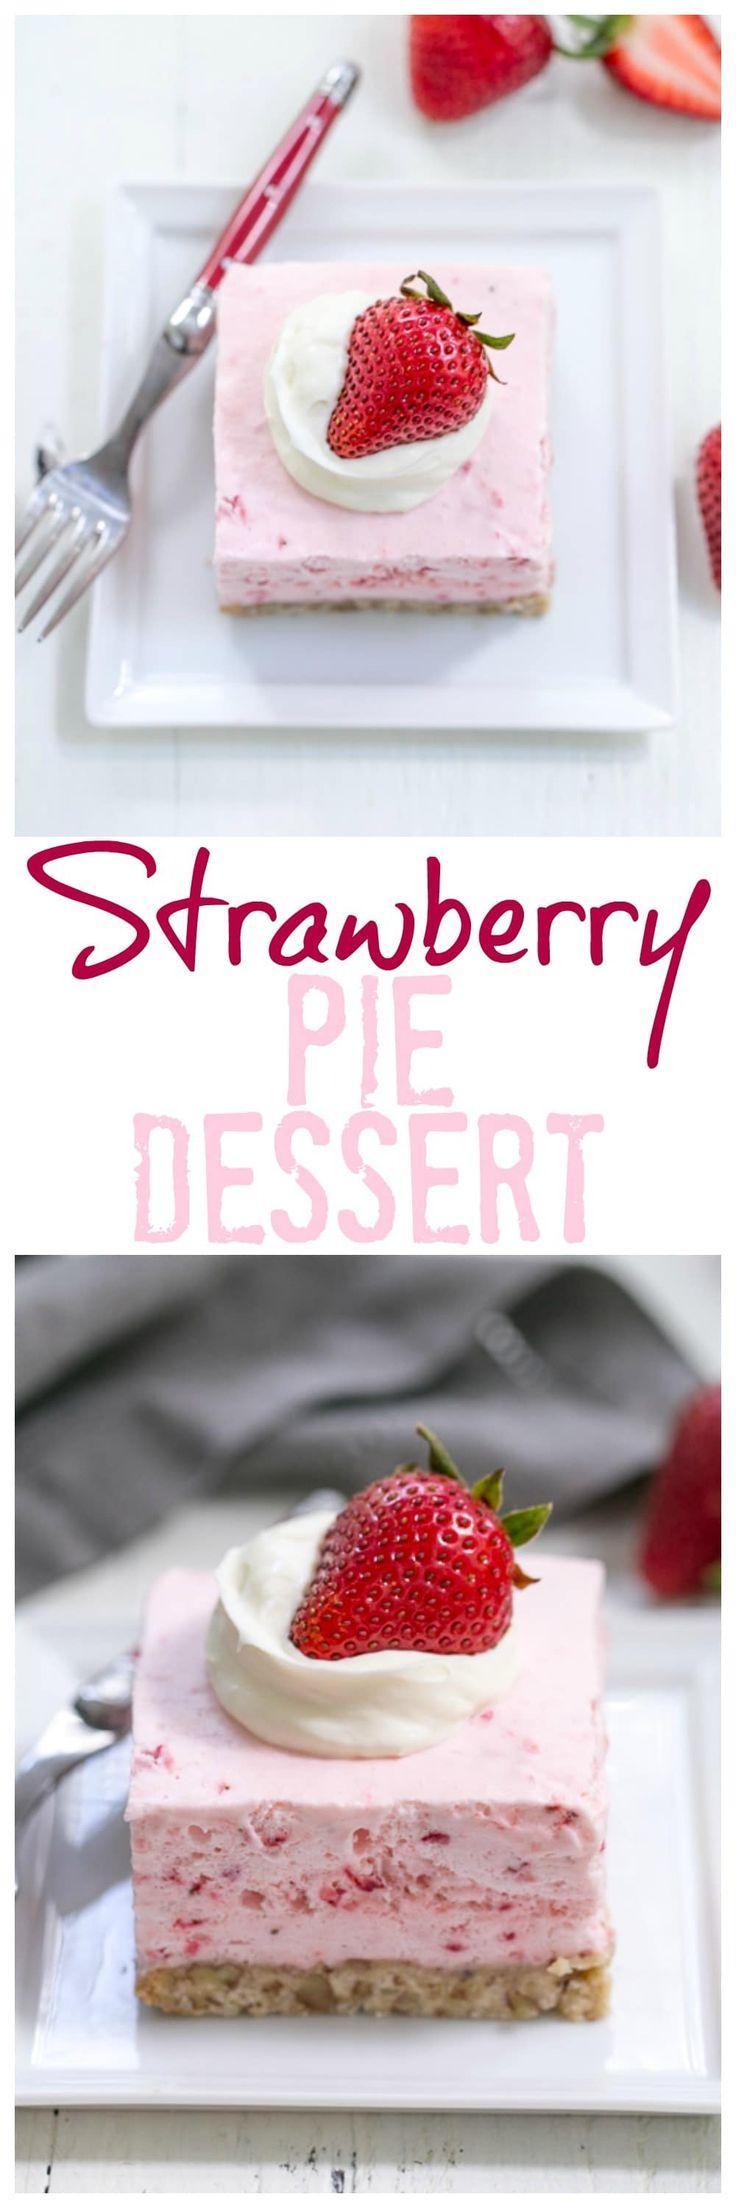 Strawberry Pie Dessert | A dreamy frozen strawberry fluff dessert!